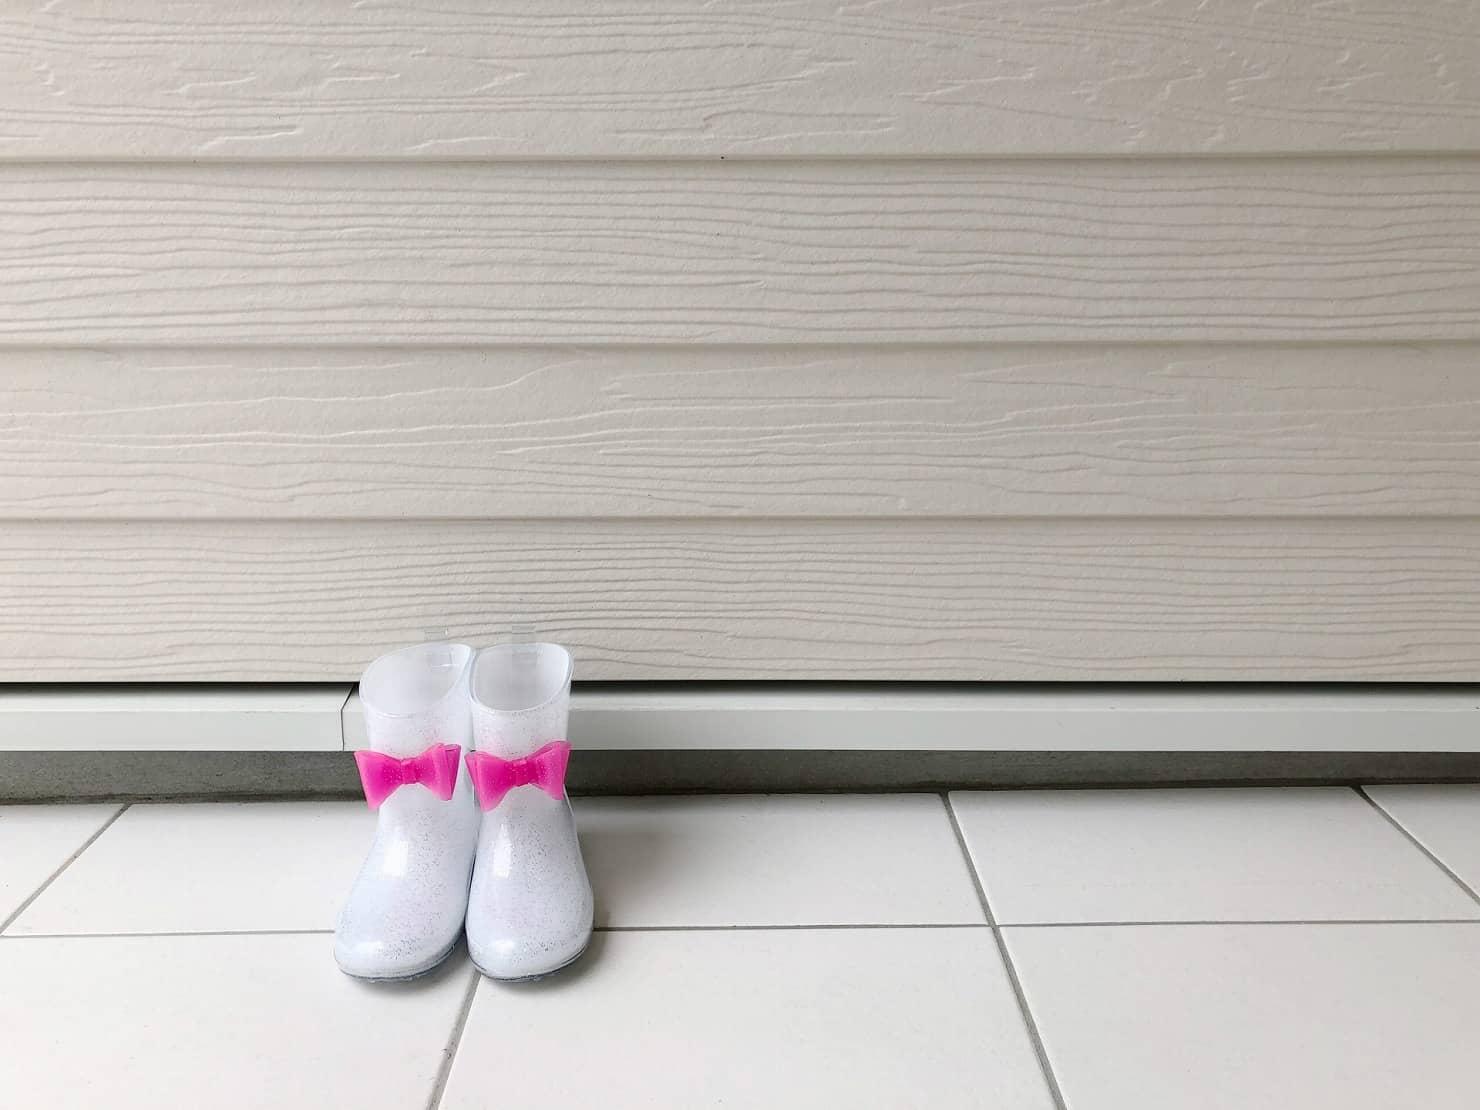 子供のおしゃれな長靴おすすめ17選! サイズや選び方、レインブーツの人気ブランドは?